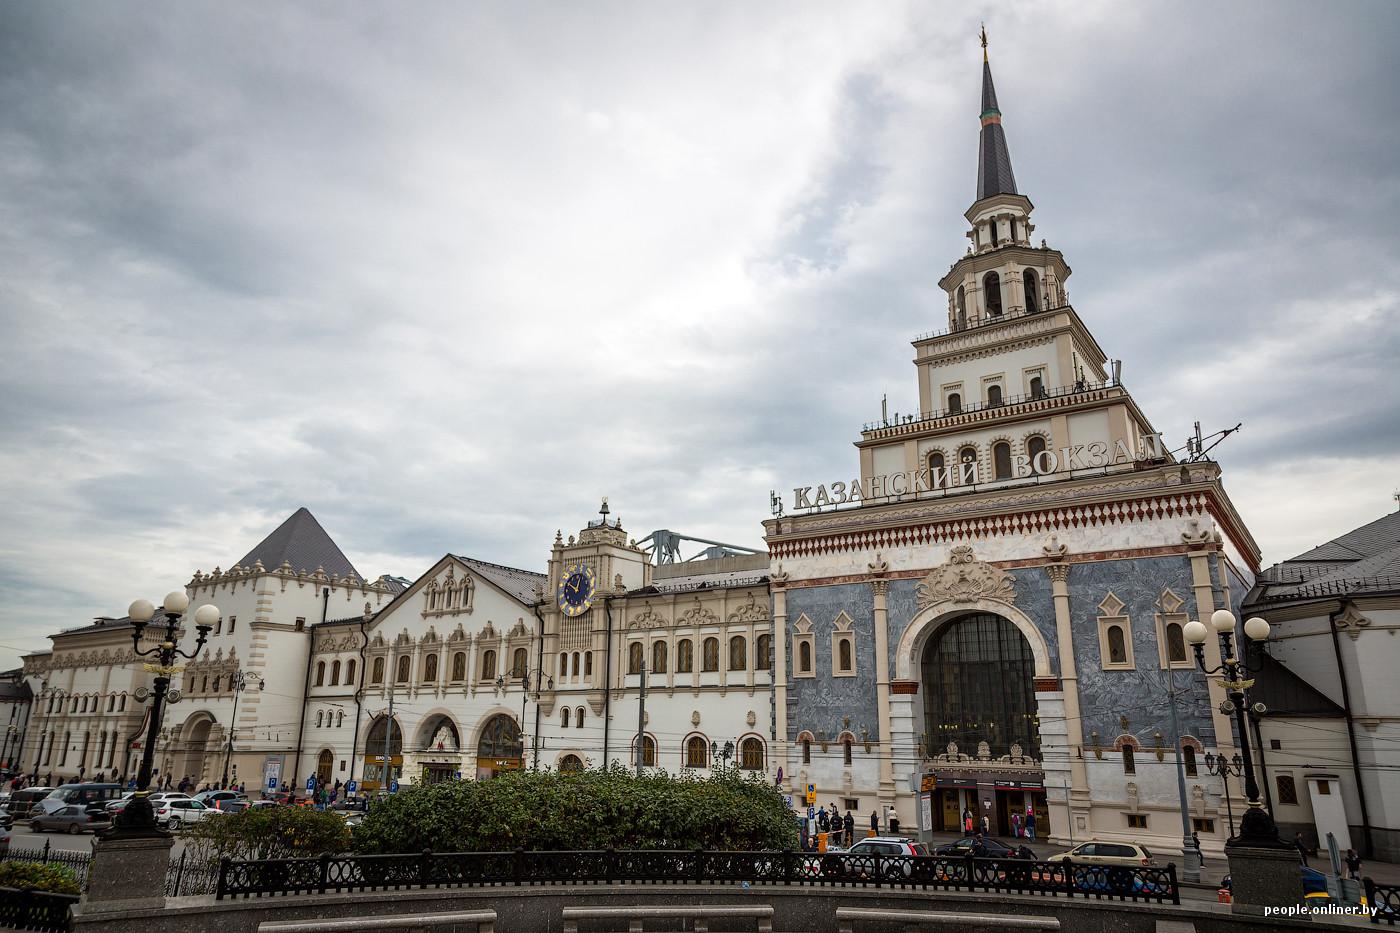 Казанский вокзал москва картинка